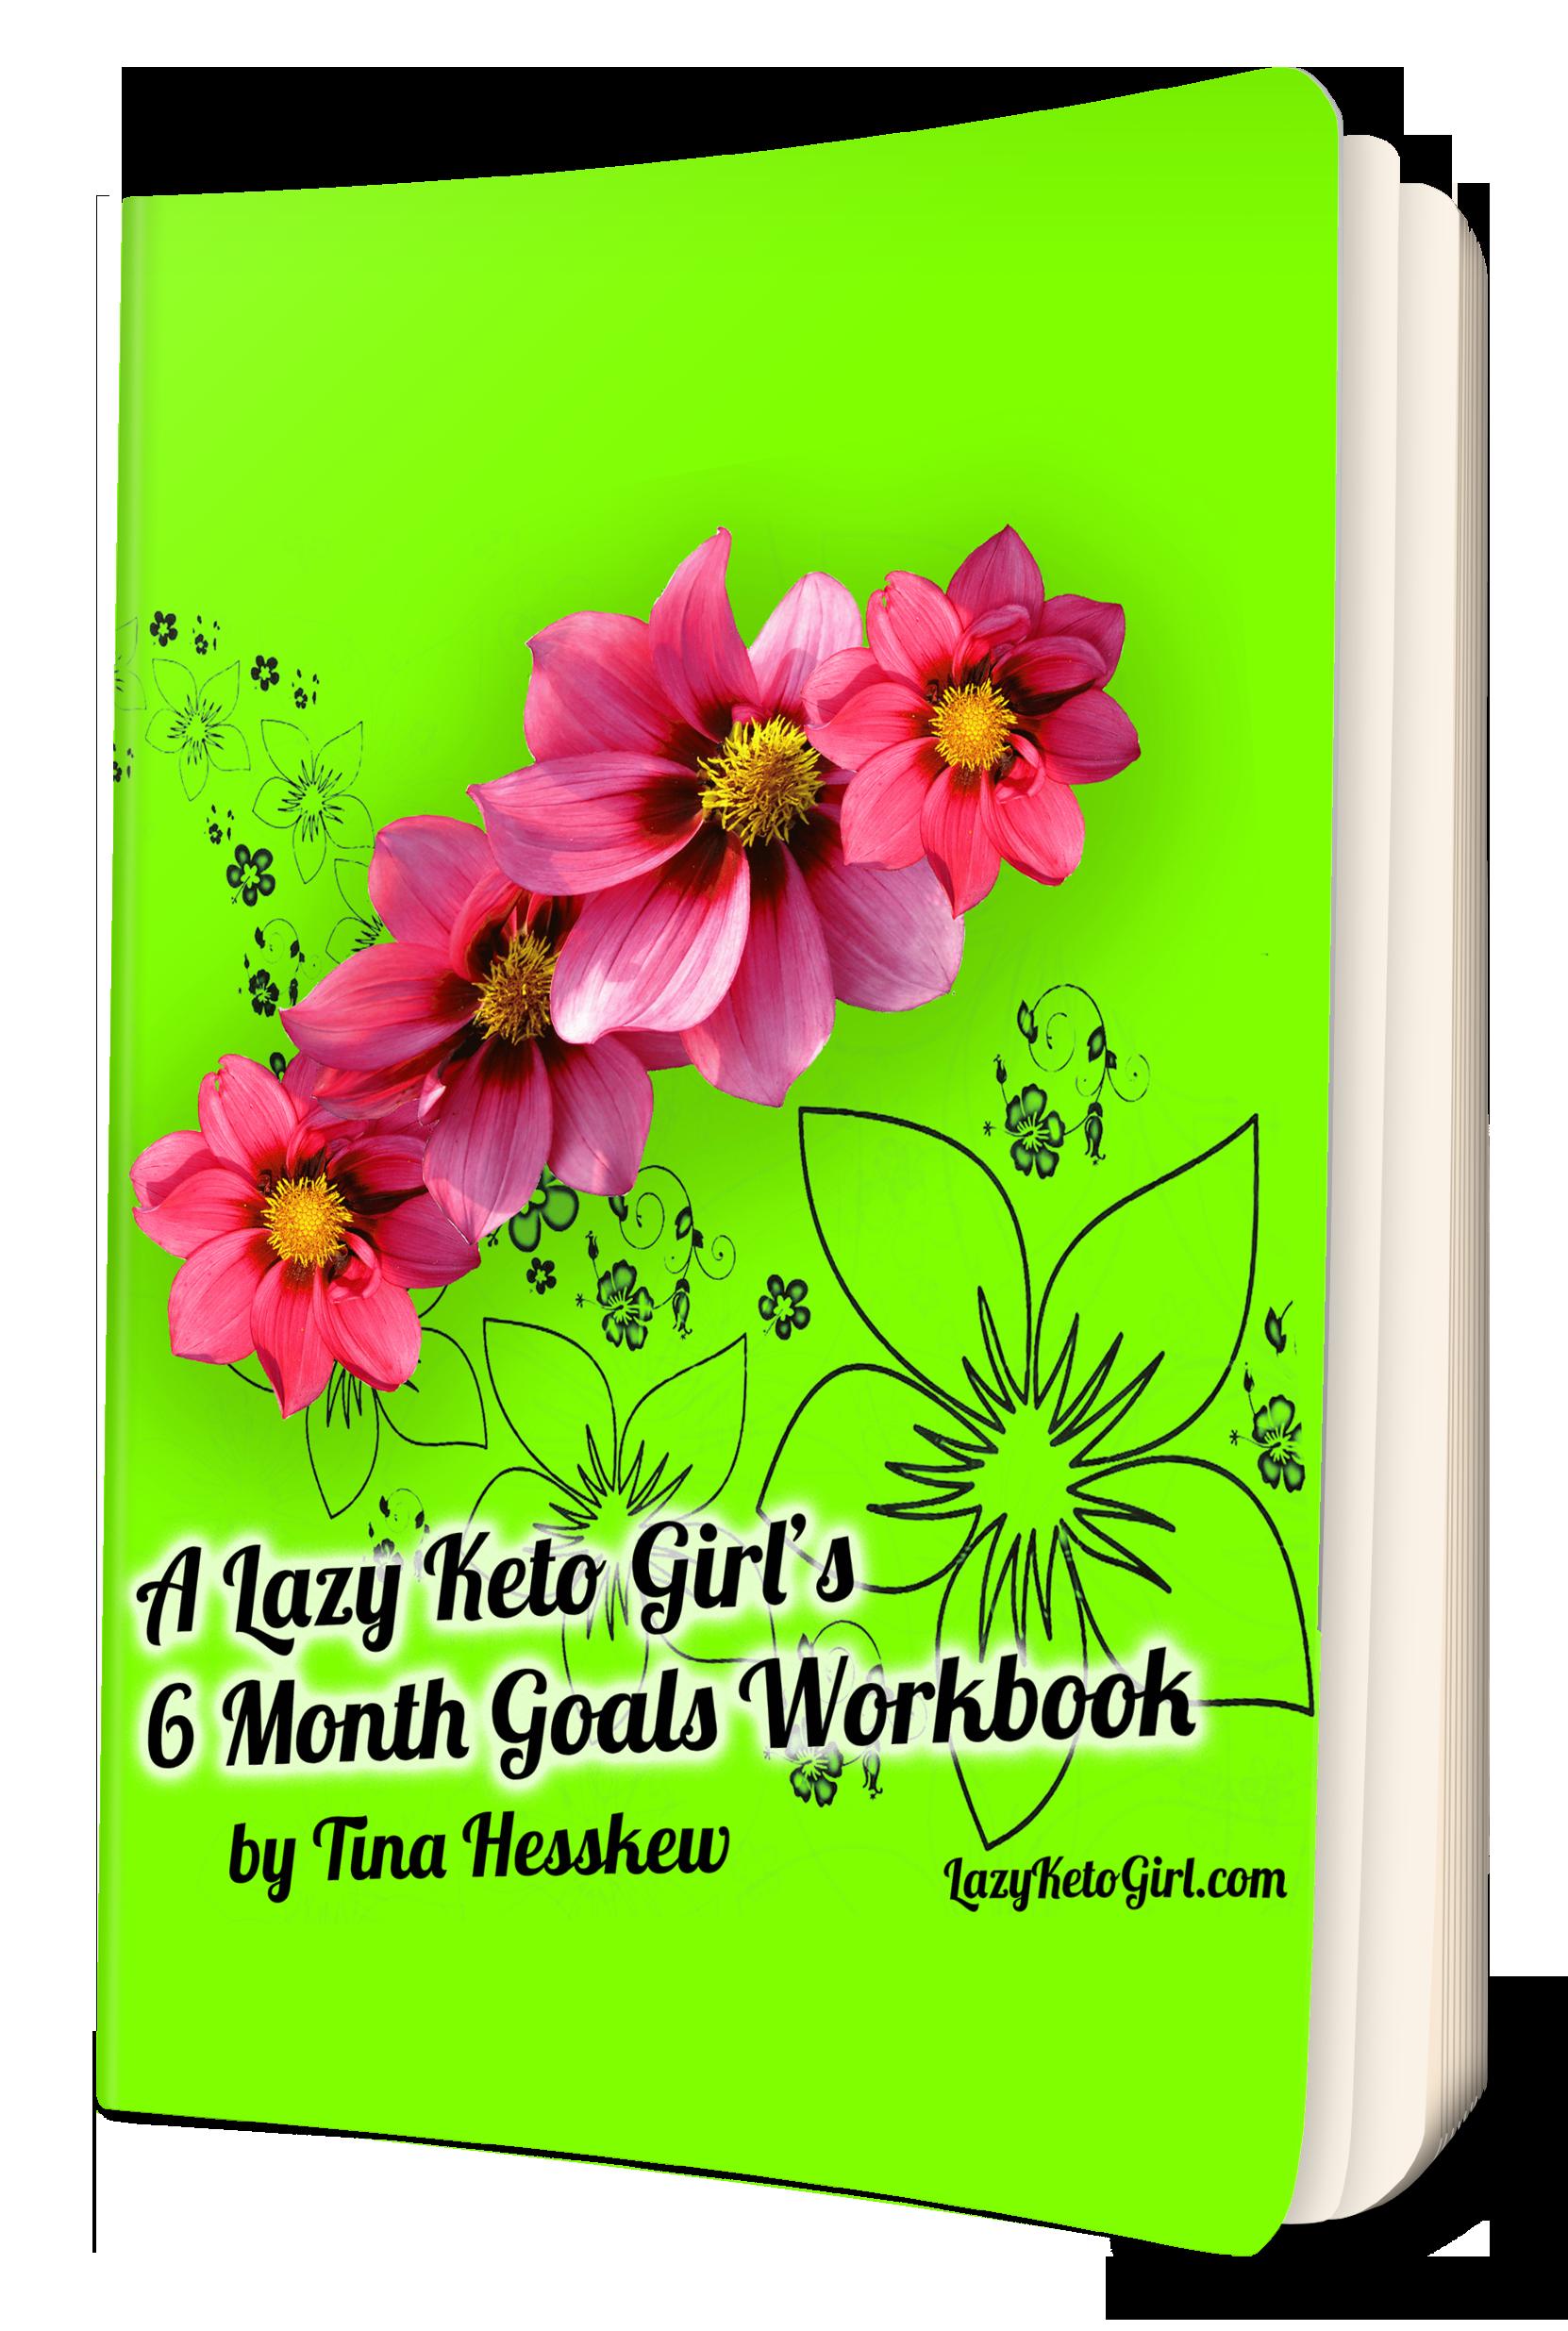 6 Month Goals Workbook 00002